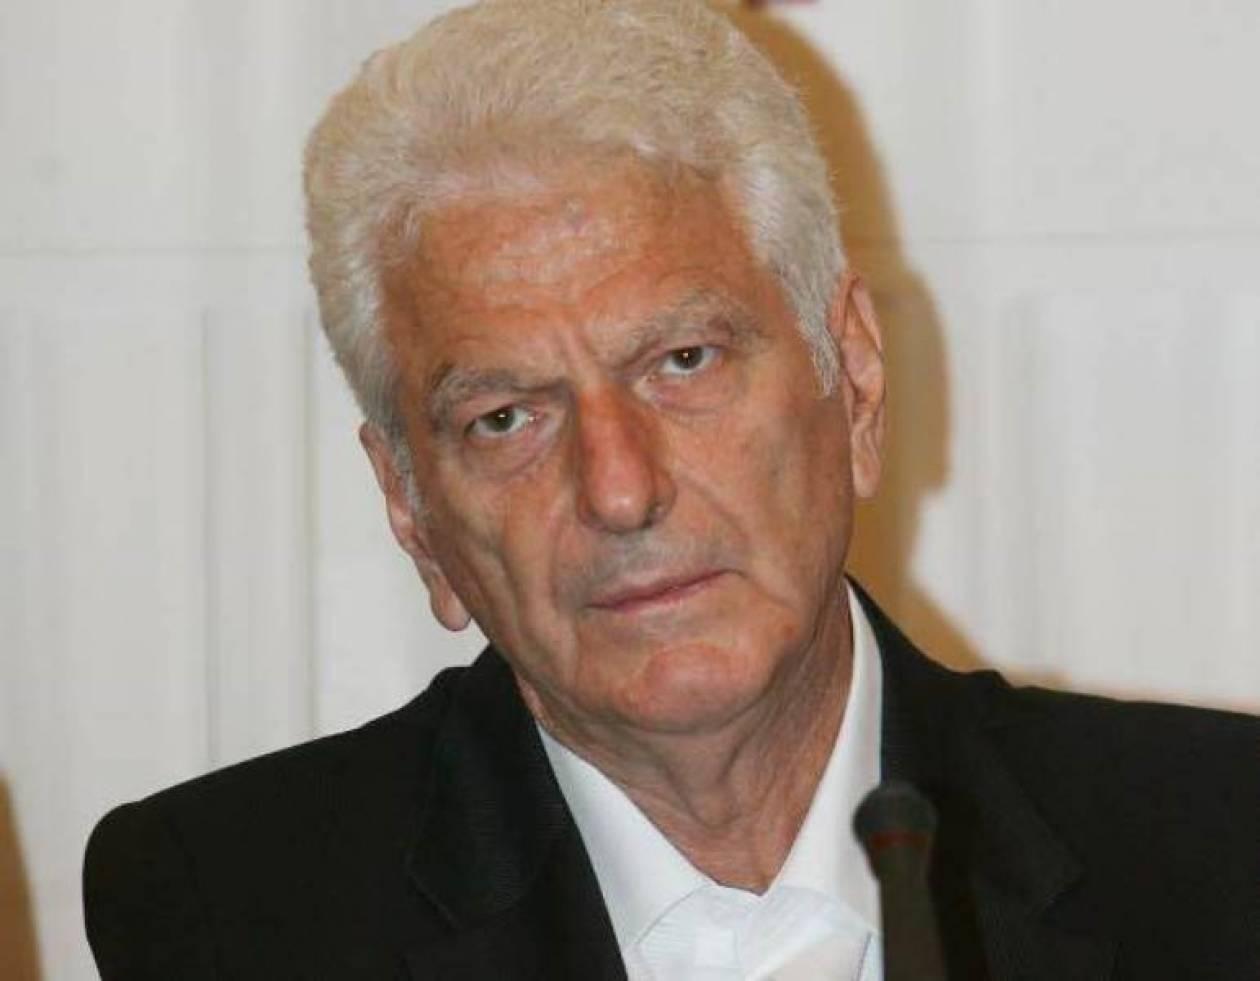 Υποψήφιος του ΣΥΡΙΖΑ στη Θεσσαλονίκη ο Τριαντάφυλλος Μηταφίδης